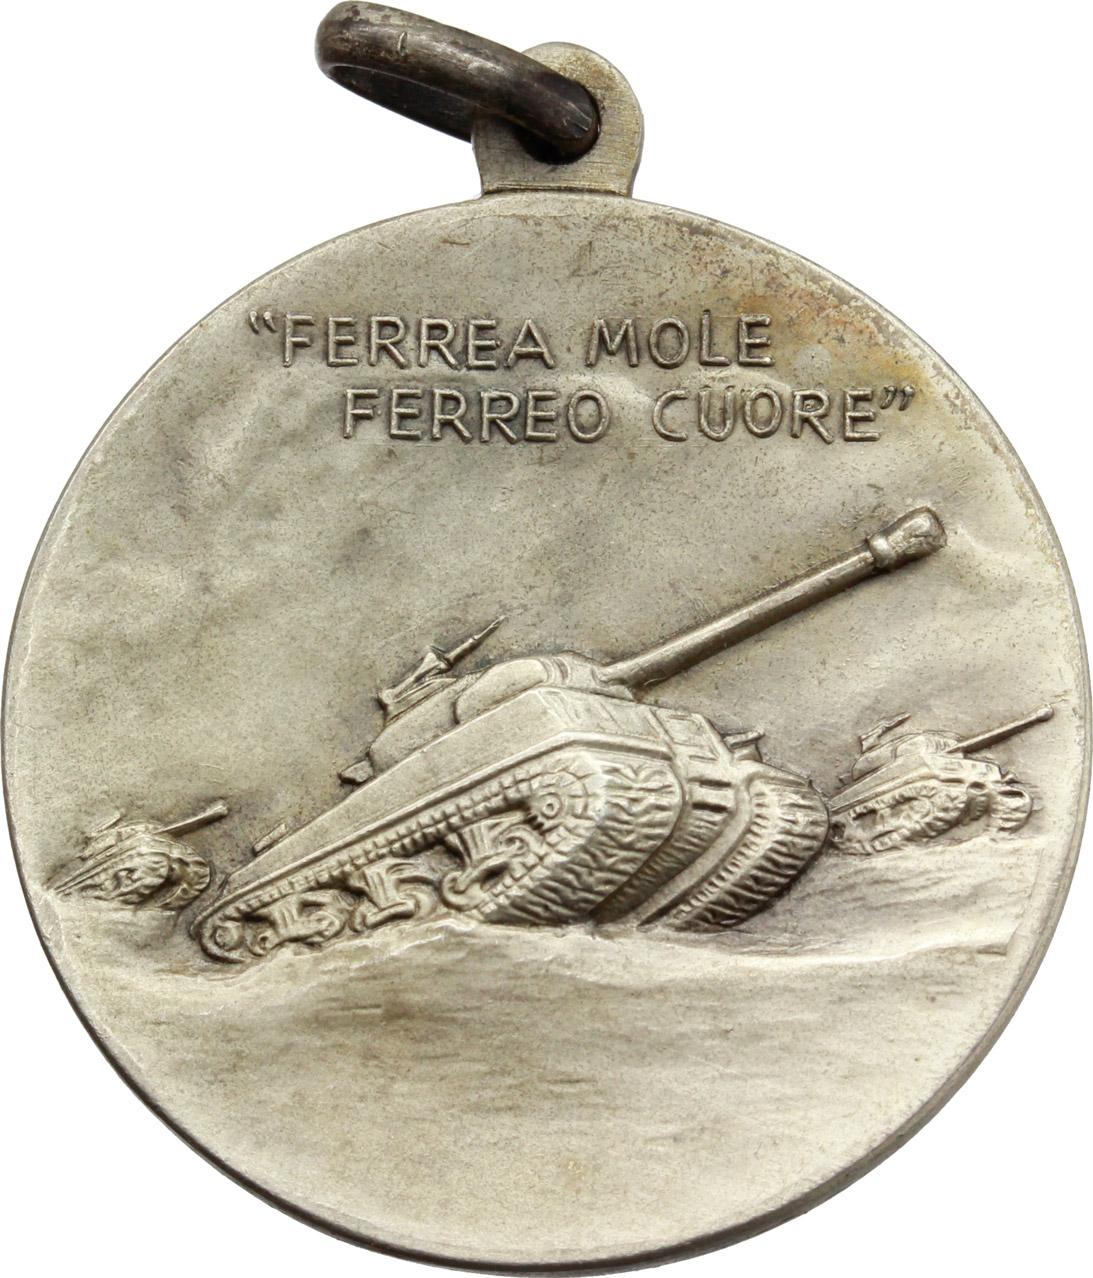 D/  Medaglia con appiccagnolo 31° Reggimento carristi 'Centauro'. 'Ferrea mole/ ferreo cuore'.     AG.   mm. 30.00    SPL.